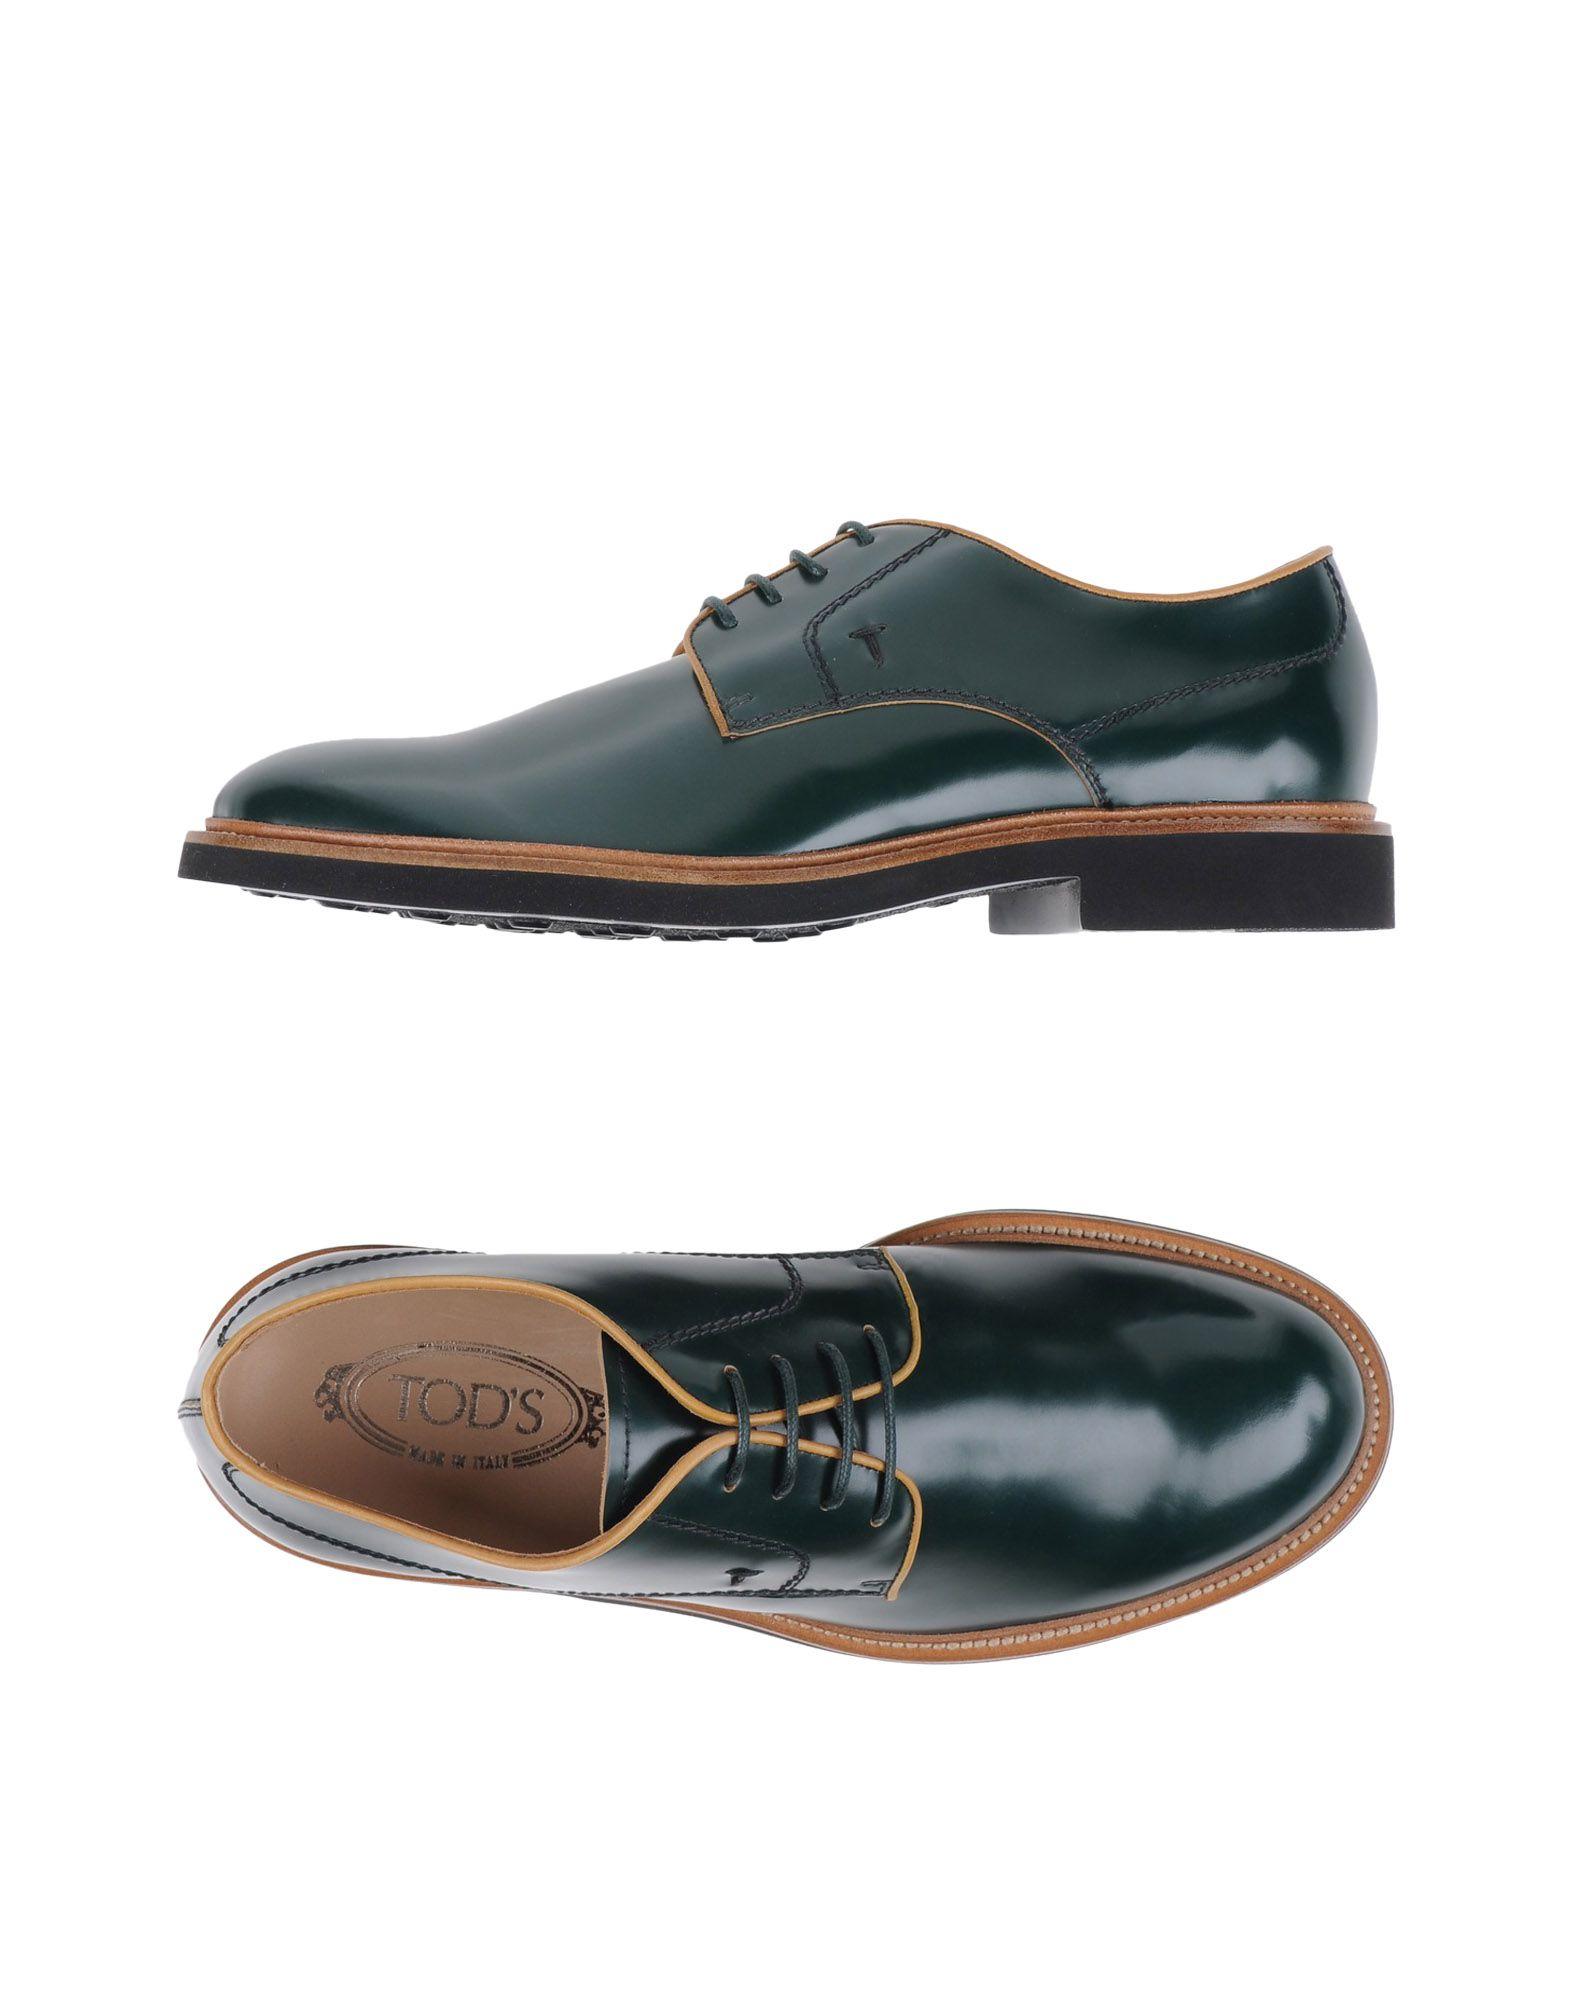 Tod's Schnürschuhe Herren  11061997JM Gute Qualität beliebte Schuhe